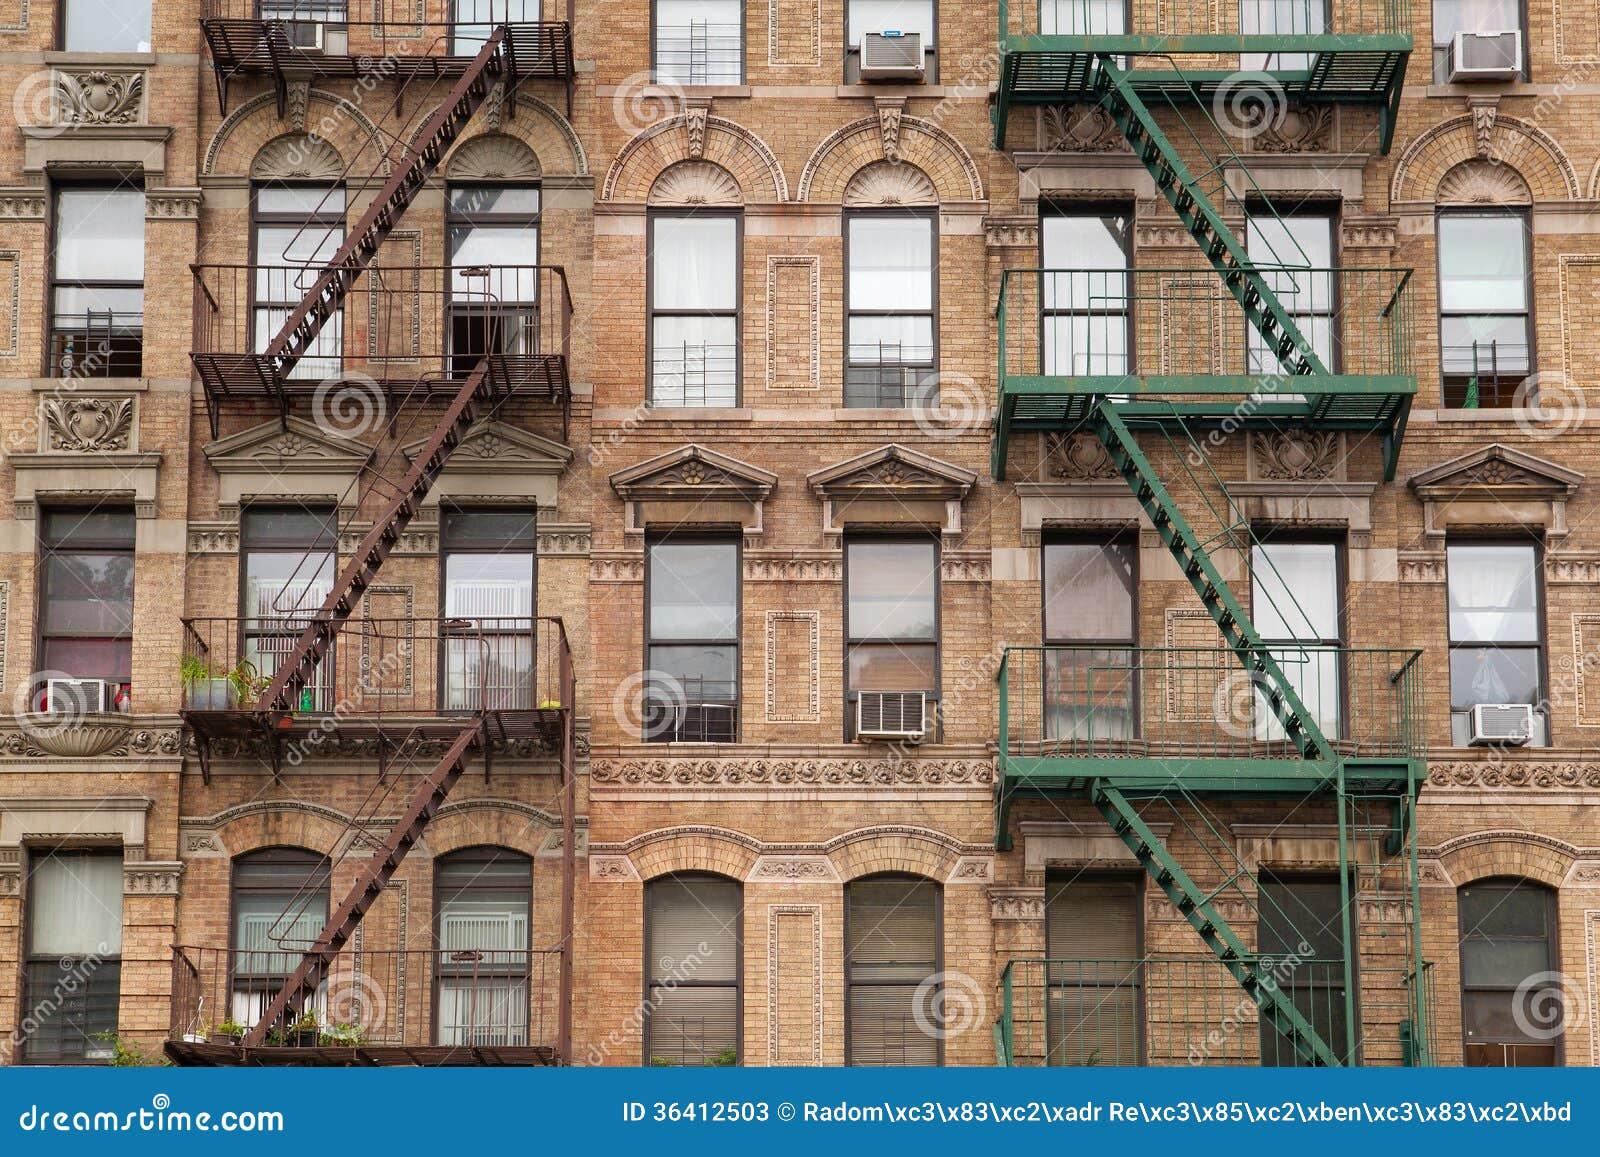 Les escaliers typiques du feu sur la vieille maison new york photos stock - Achat maison new york ...